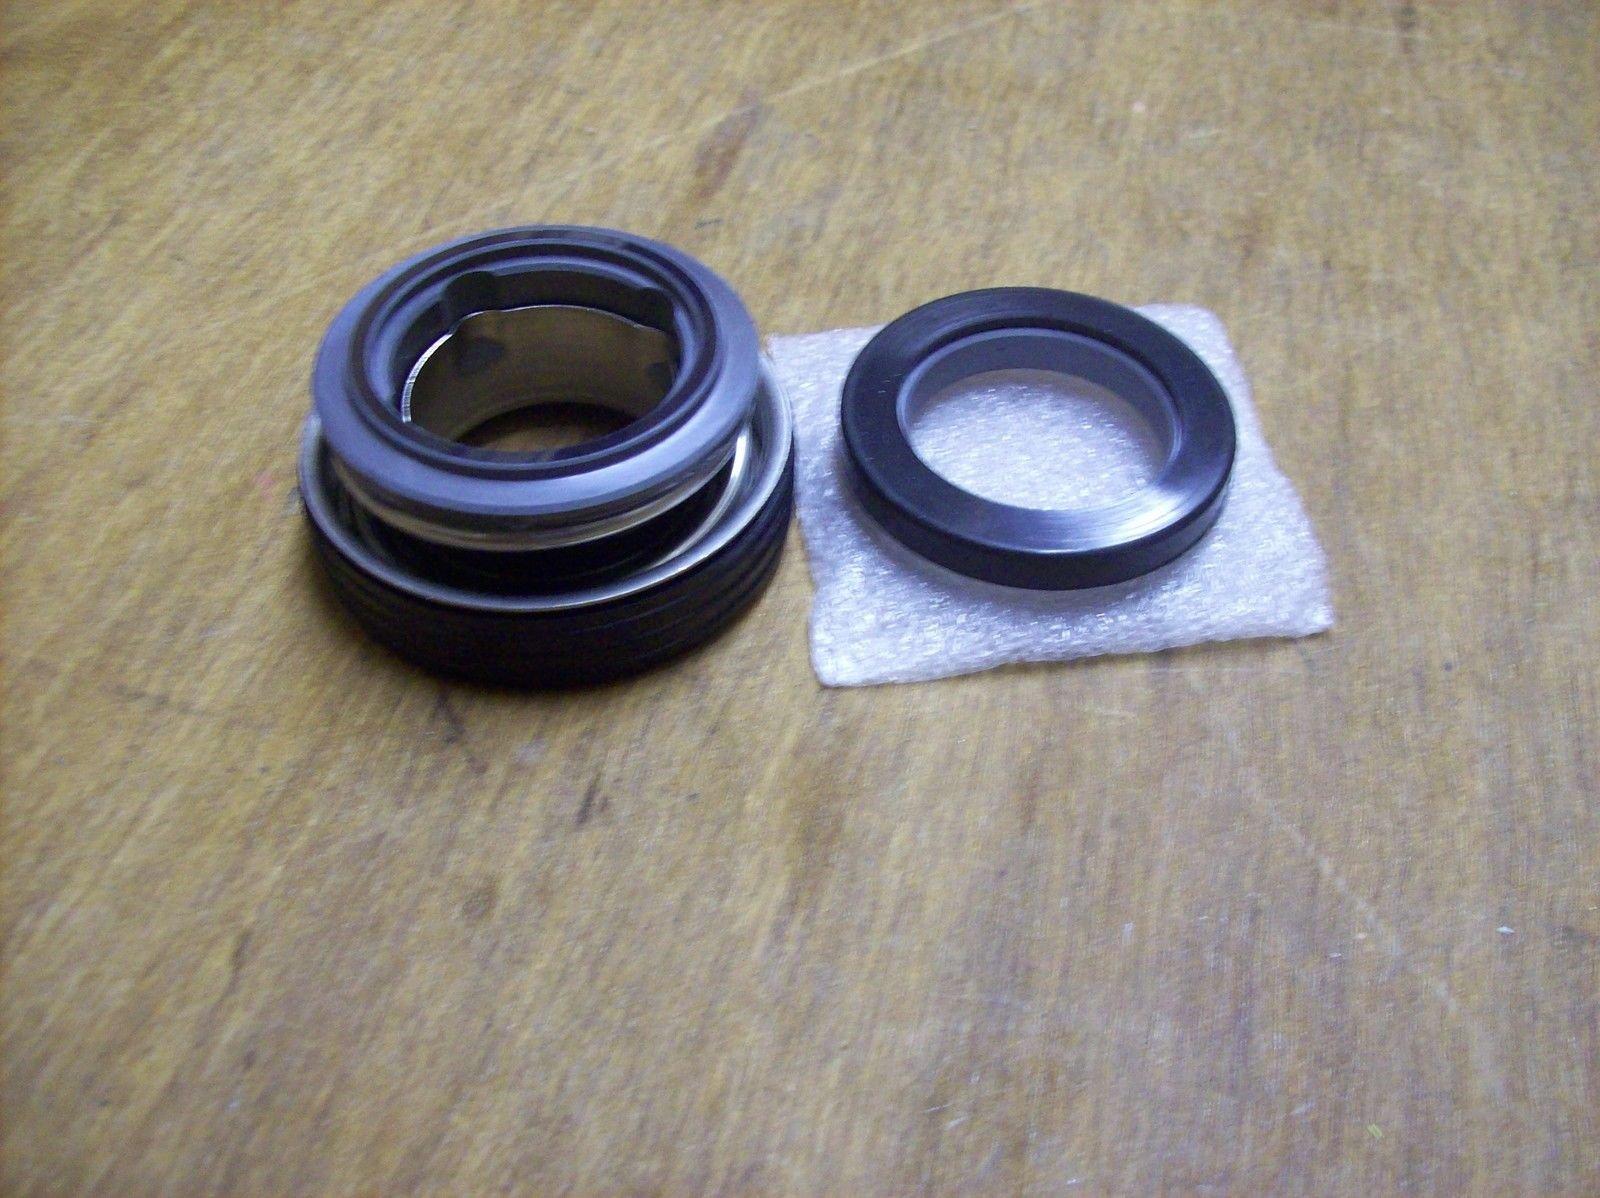 Multiquip Trash Pump Mechanical Seal Fits QP3TH / QP2TH , QP4TH by Multiquip